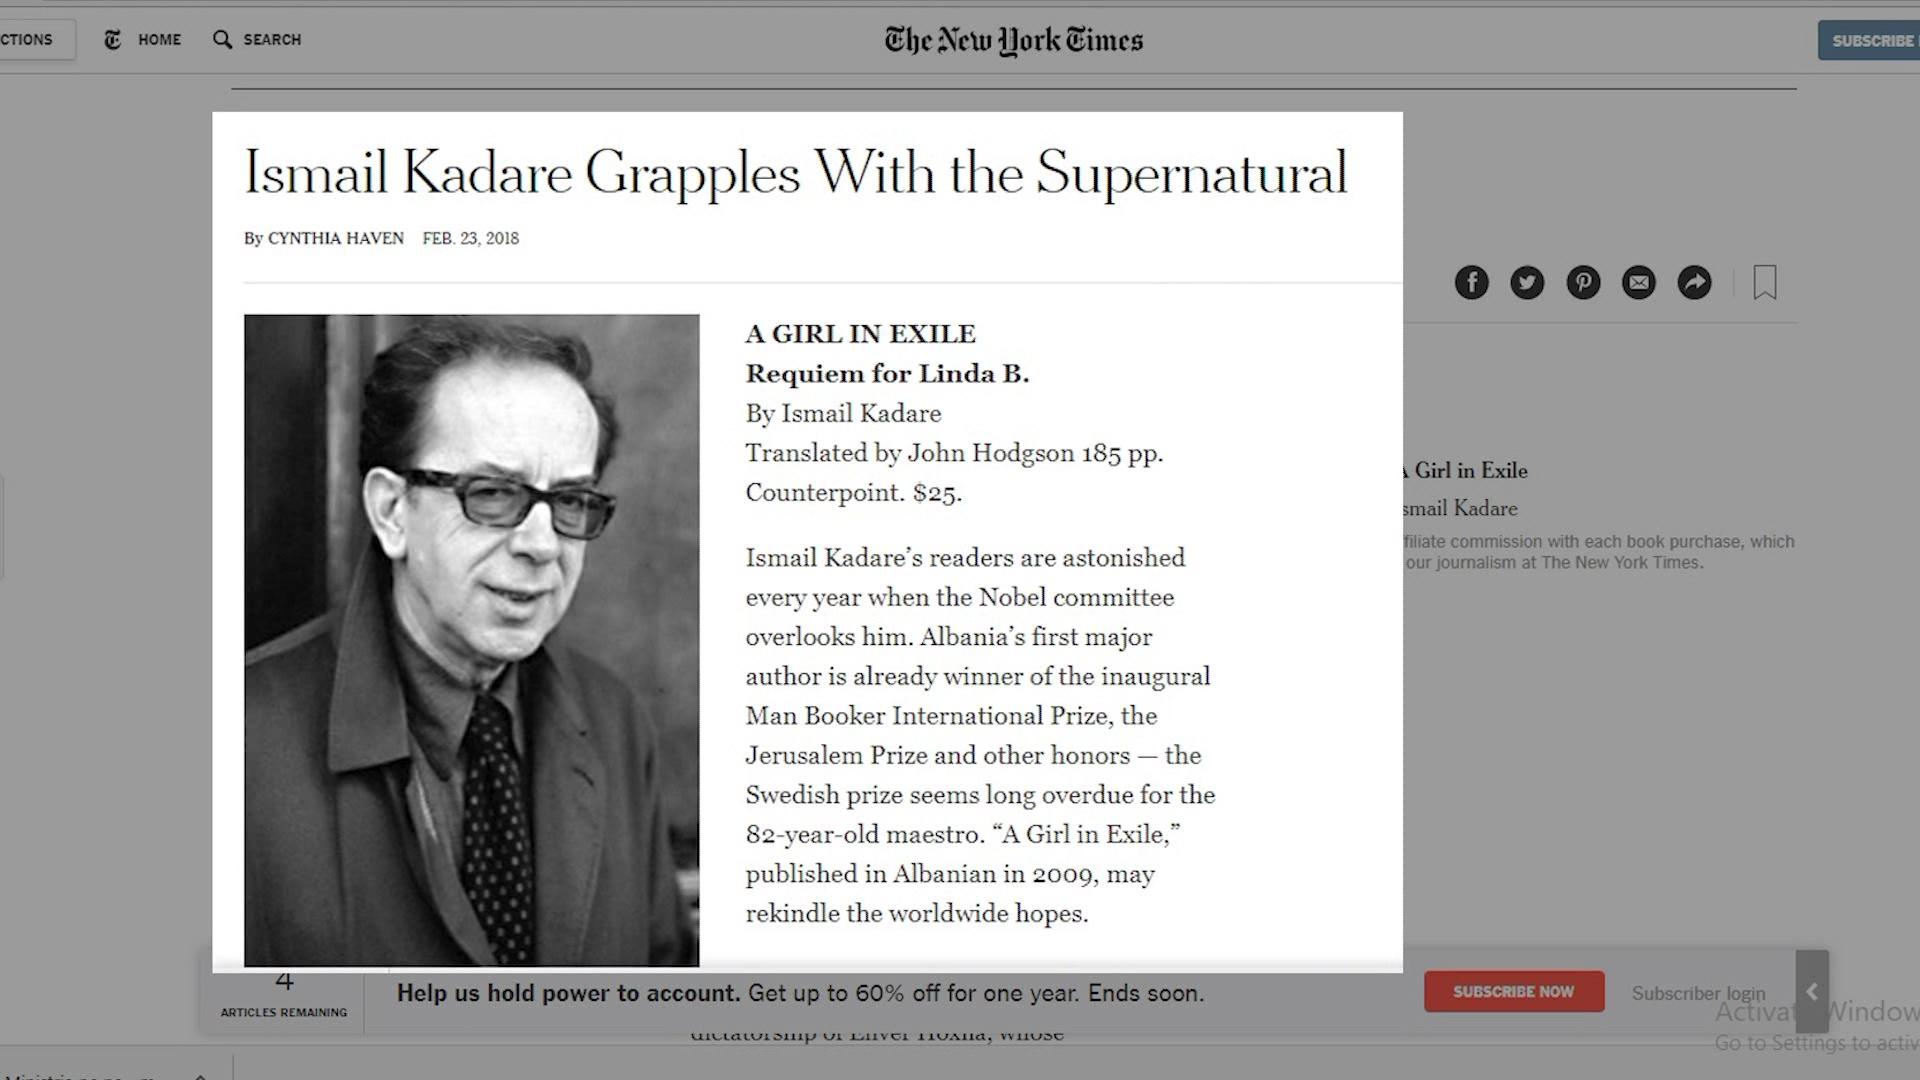 New York Times shkruan për Ismail Kadarenë